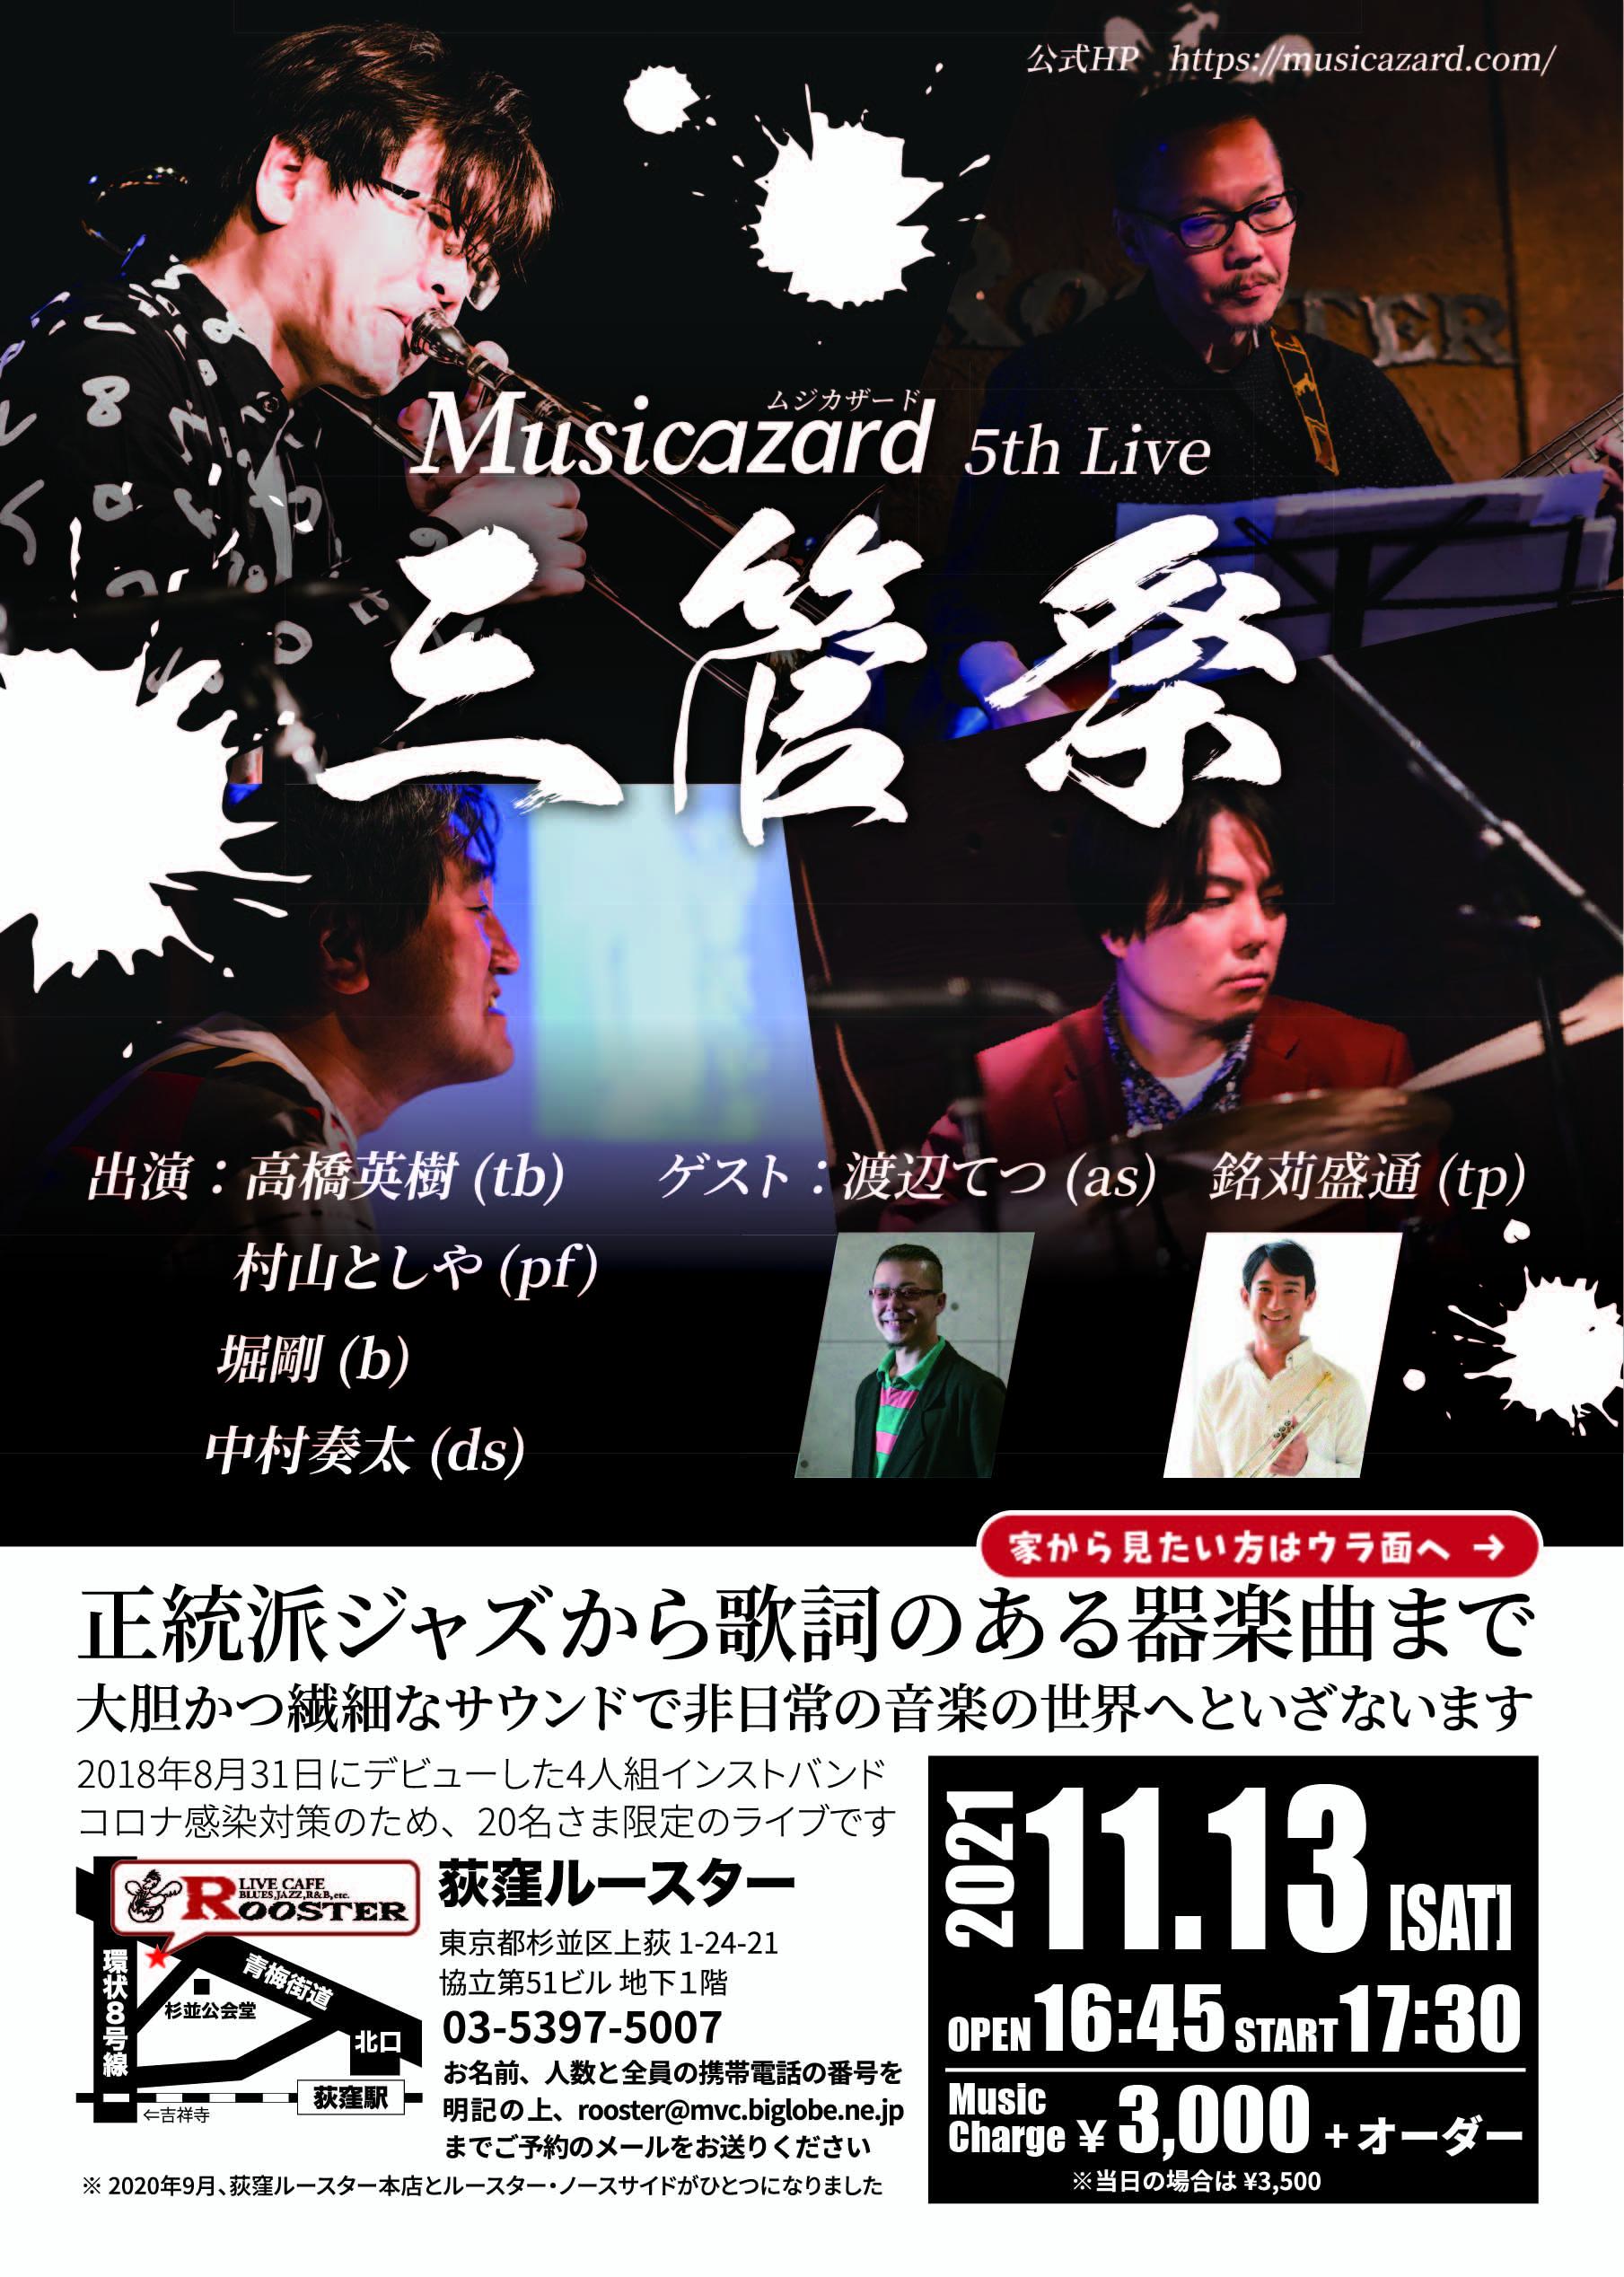 Musicazard5thLive 三管祭